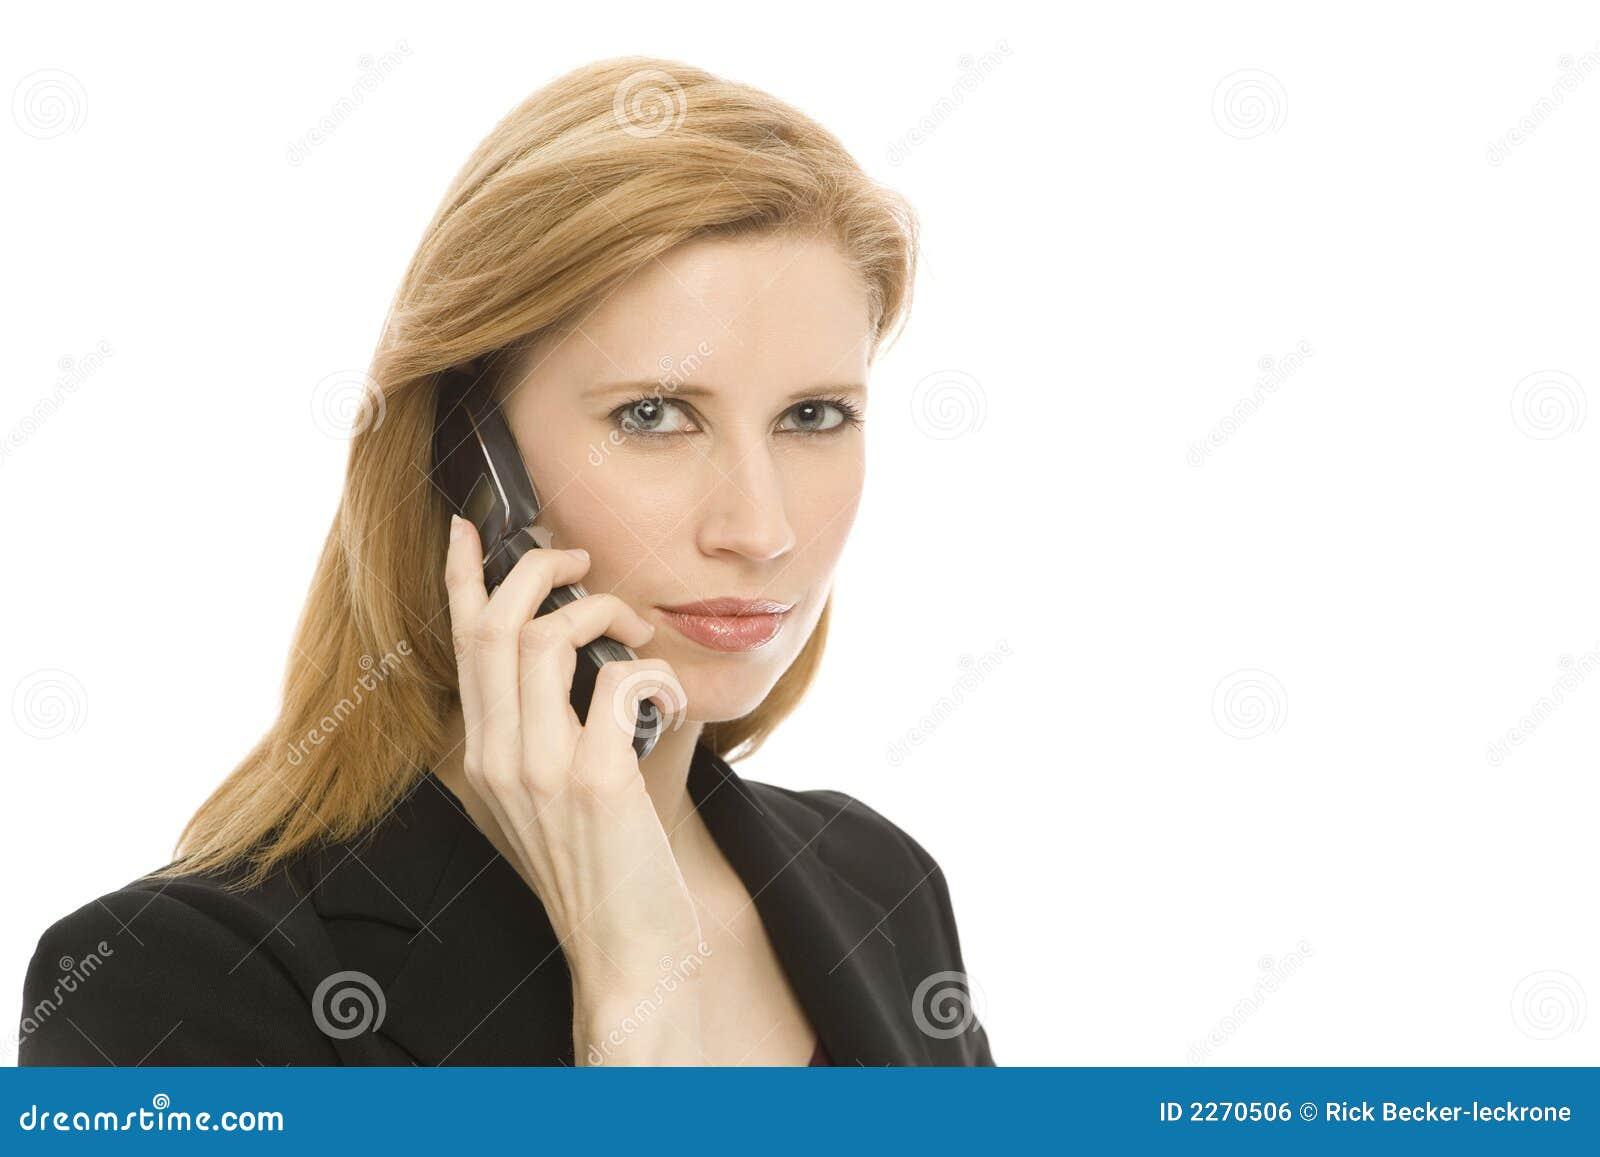 rencontre avec numero telephone)